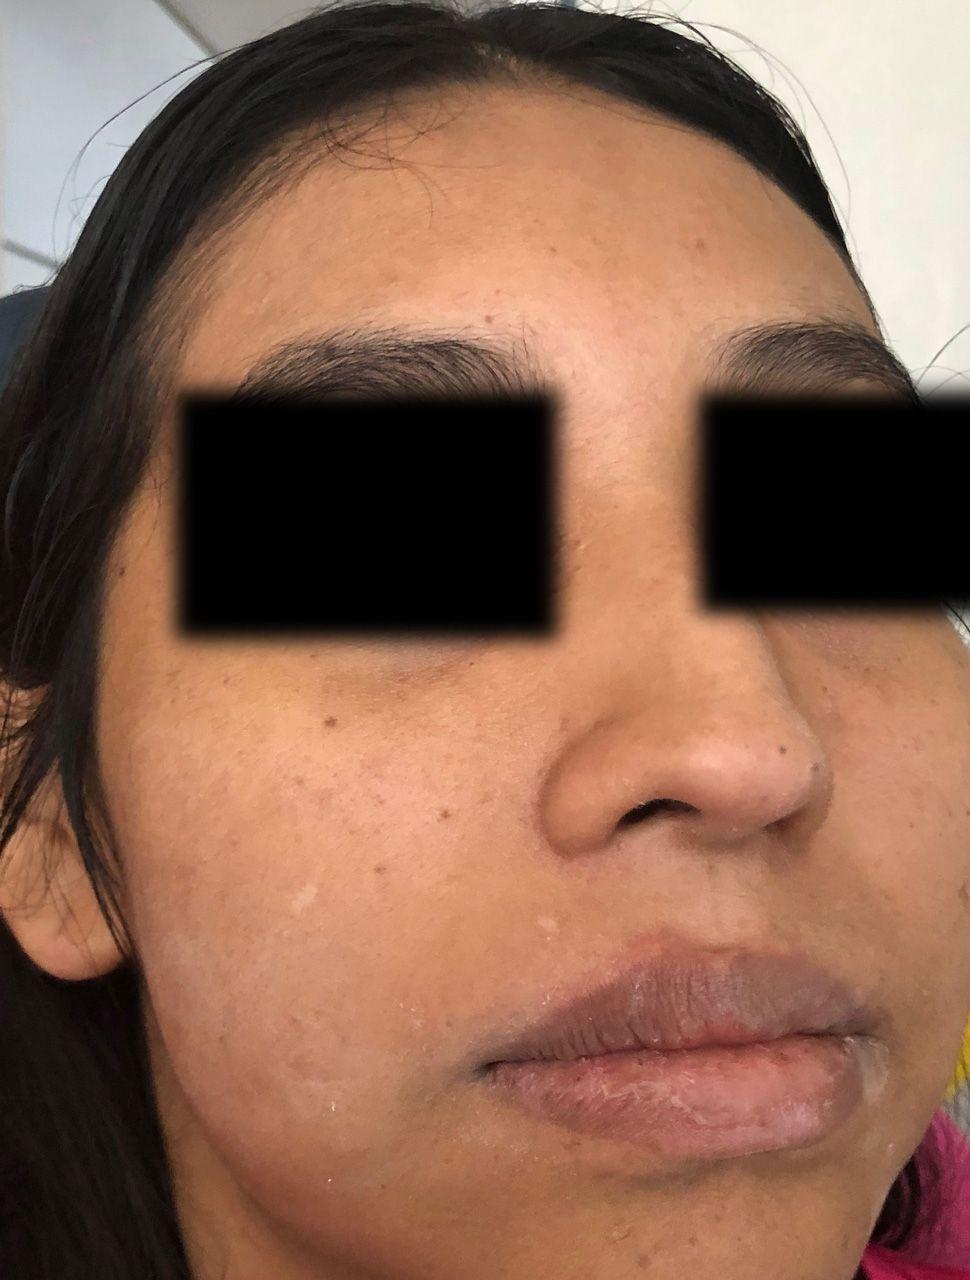 caso-clinico-bichectomia-05